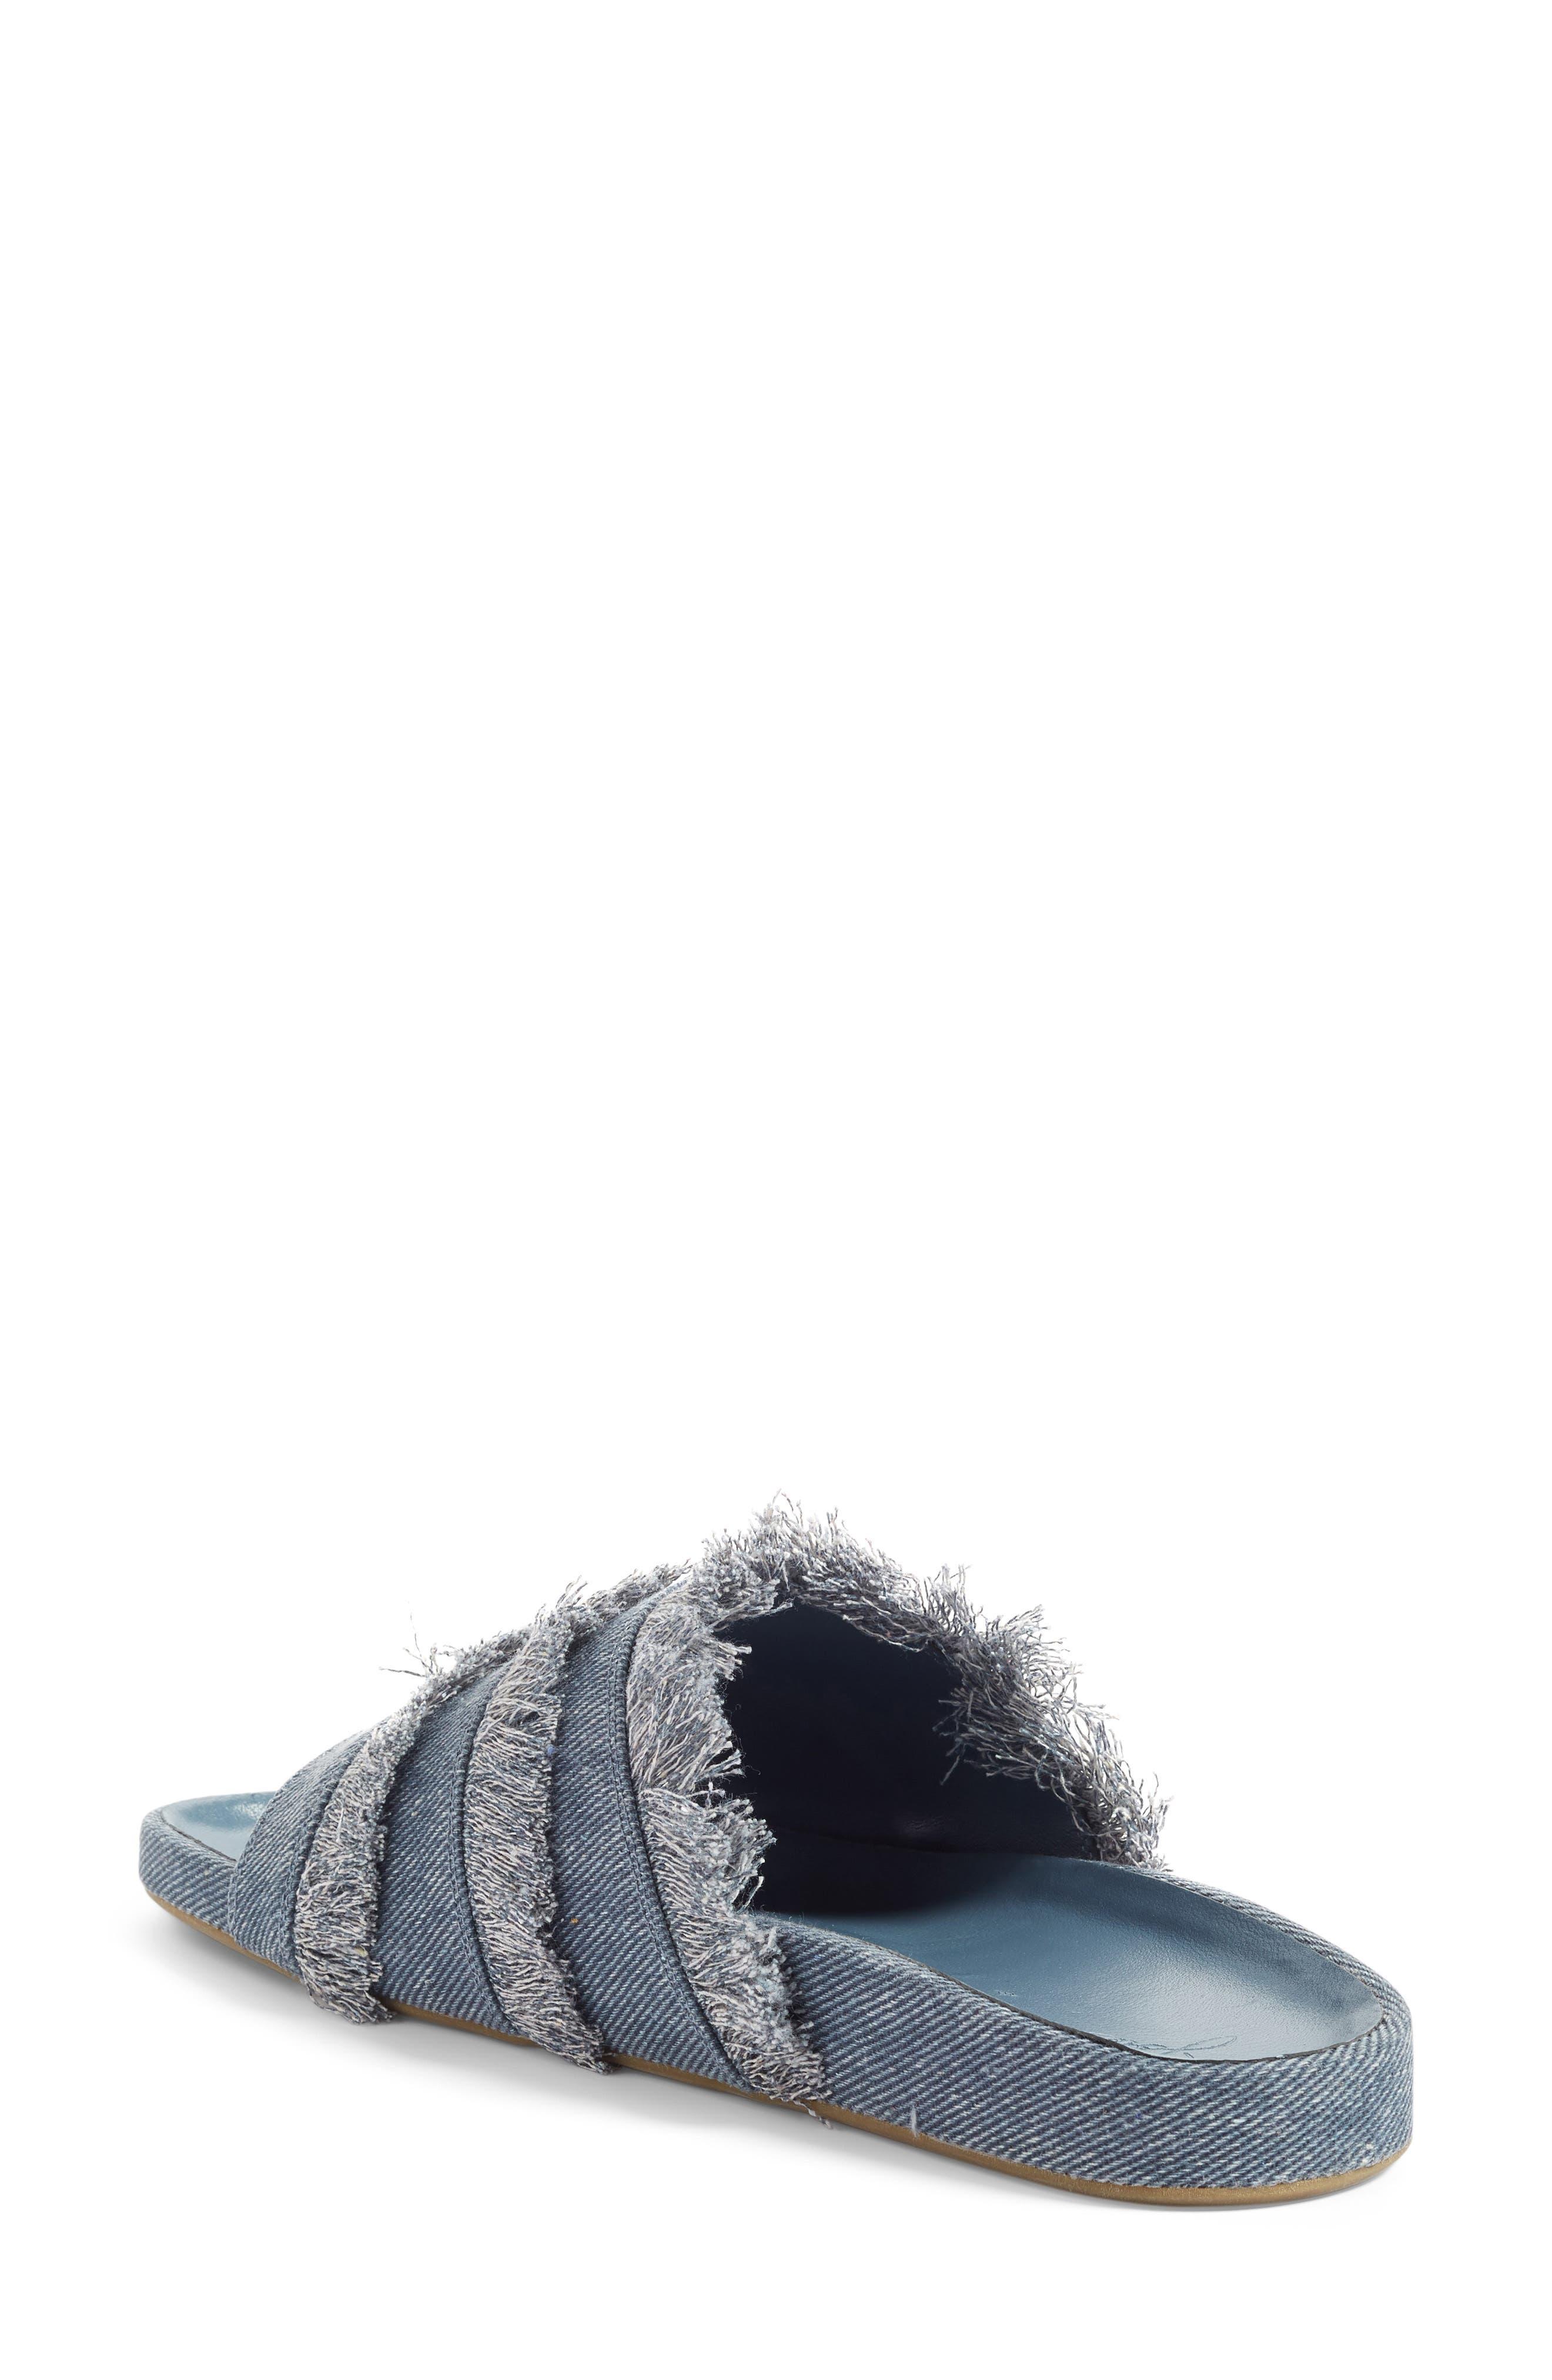 Jaden Slide Sandal,                             Alternate thumbnail 2, color,                             Dark Denim